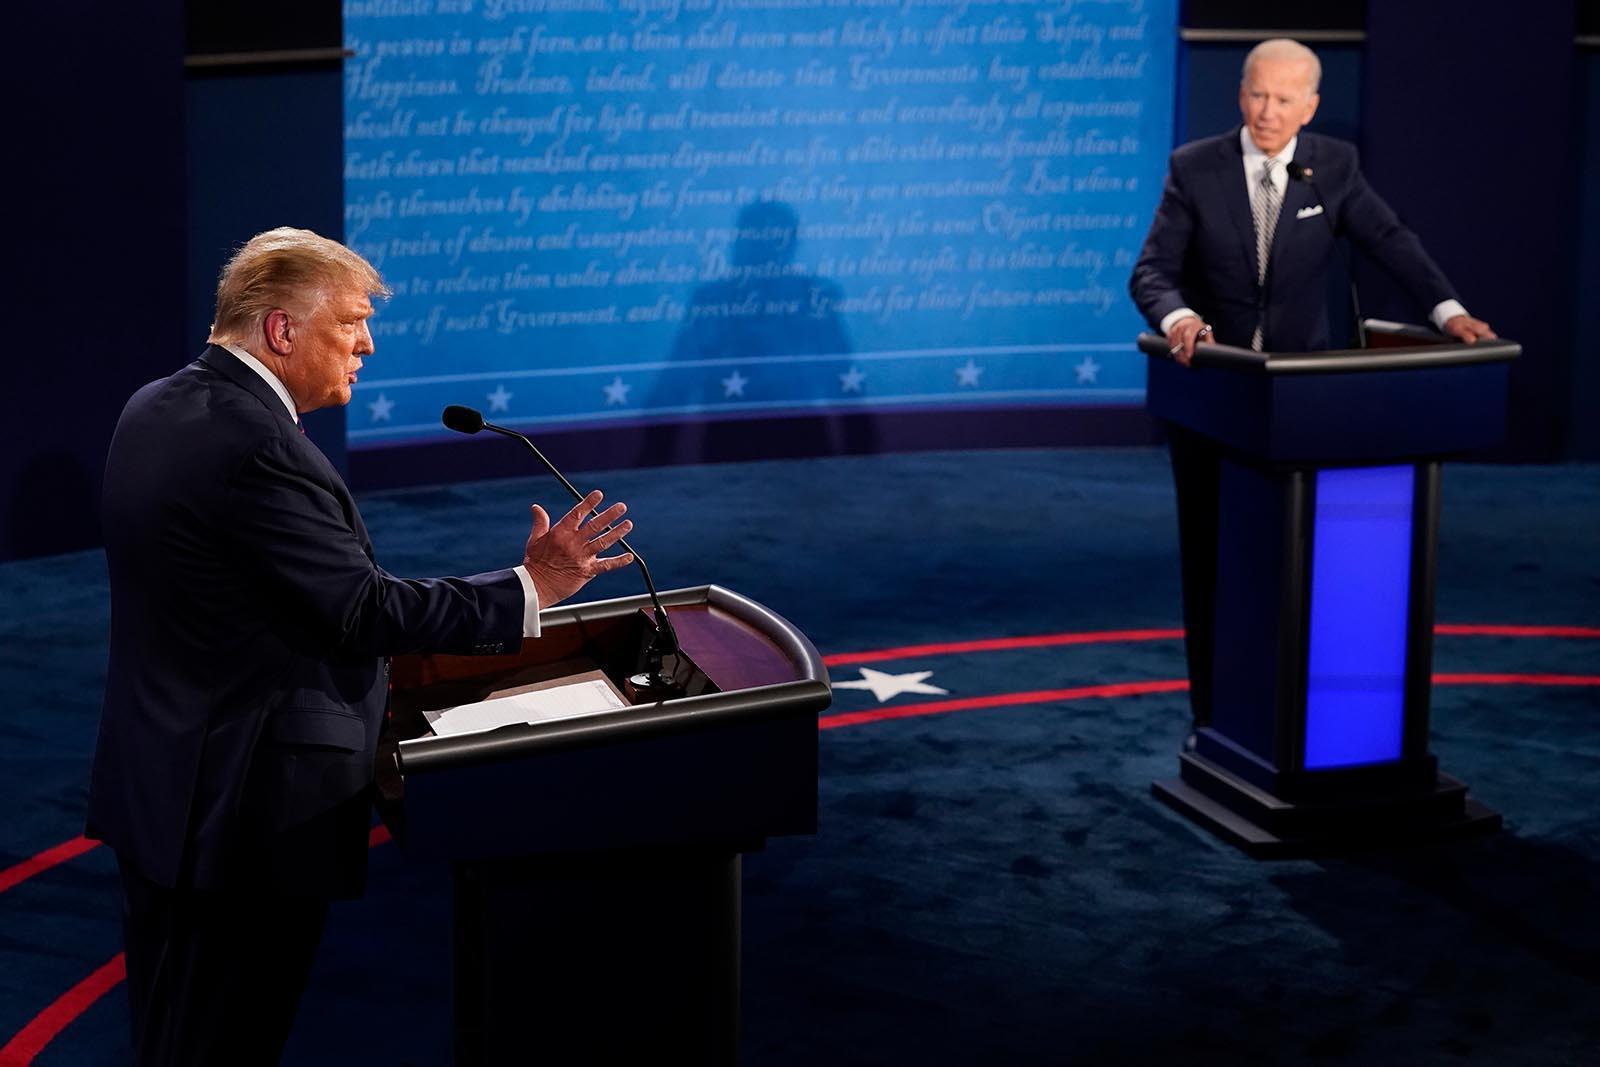 【又名新沂站长网】_新冠致超20万美国人死亡,特朗普在首场辩论上还在嘲笑拜登戴口罩